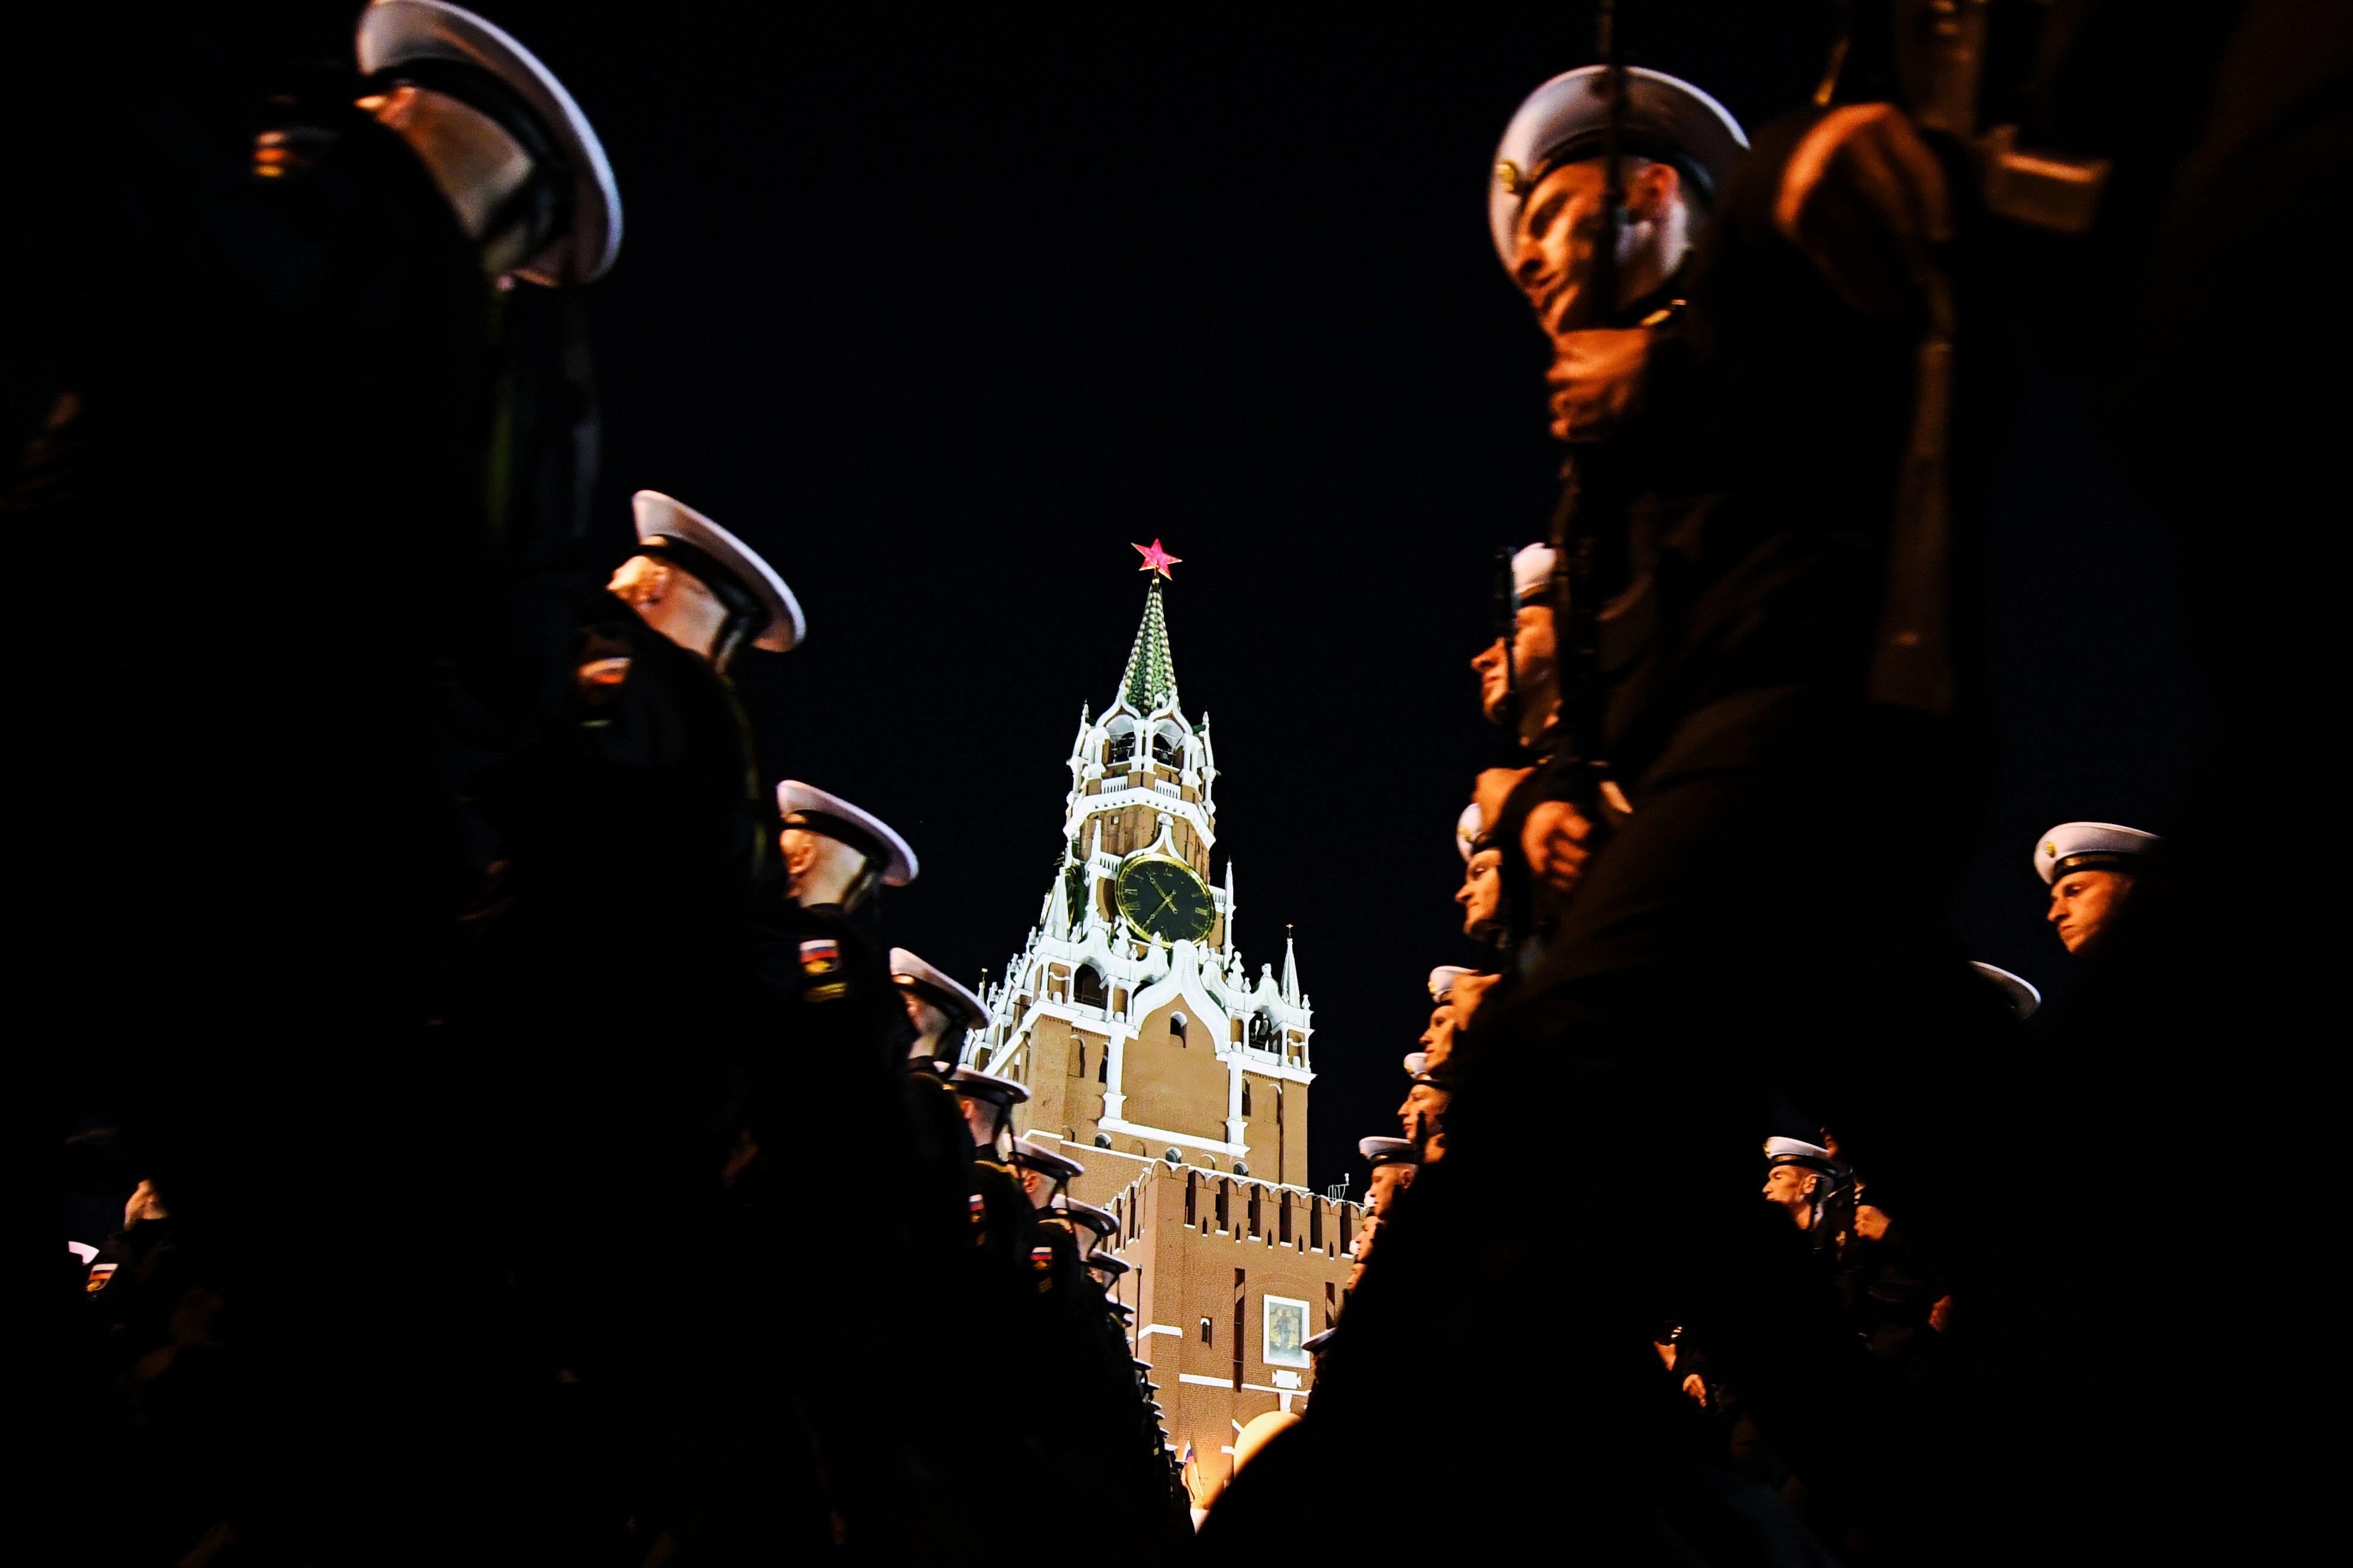 عروض عسكرية استعدادا لحفل عيد النصر فى روسيا